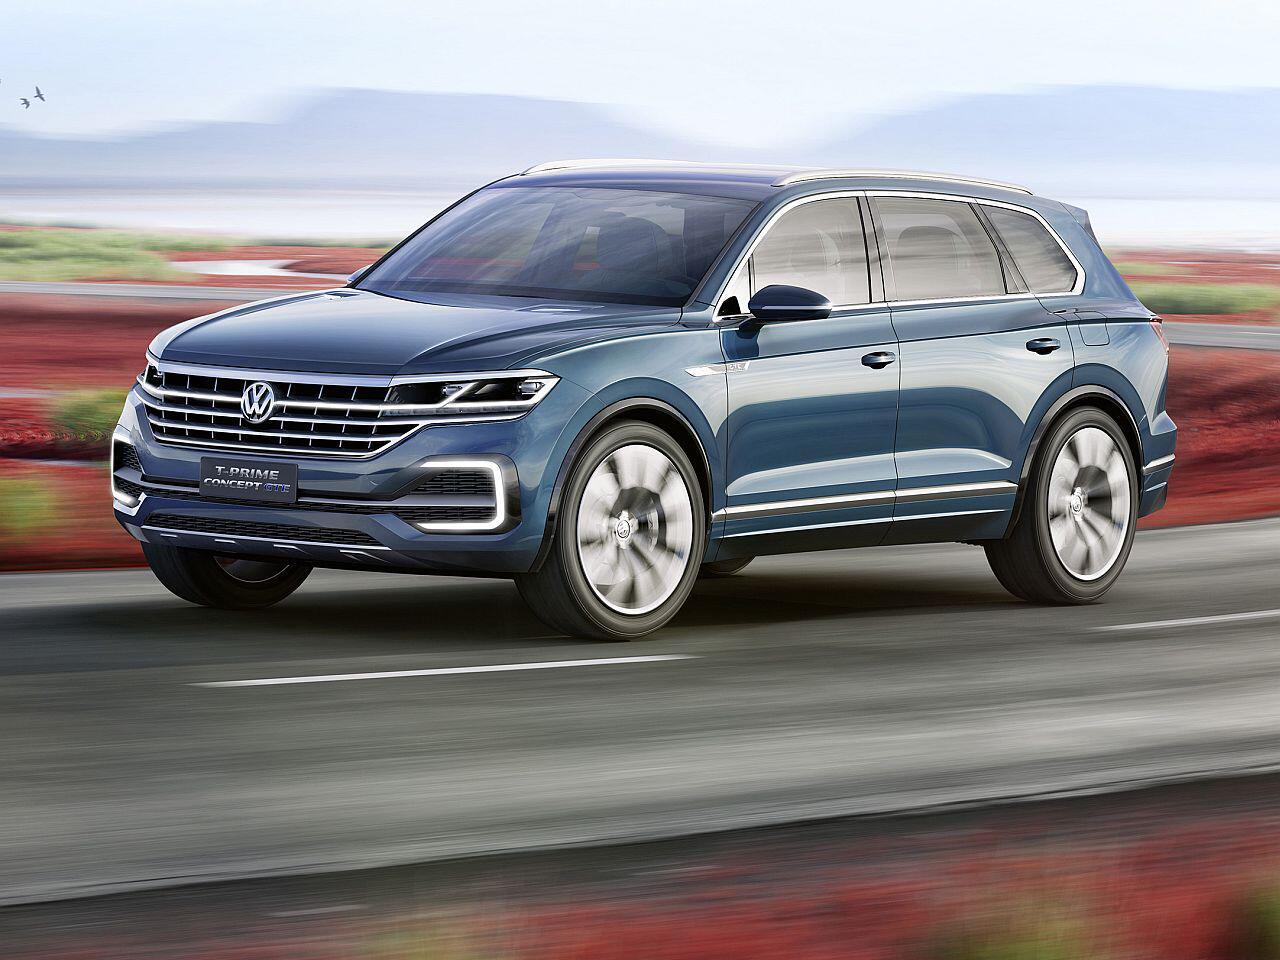 Bild zu Vom Crossover-Cabrio bis zum Luxus-Offroader: Auf diese SUVs freuen wir uns 2018